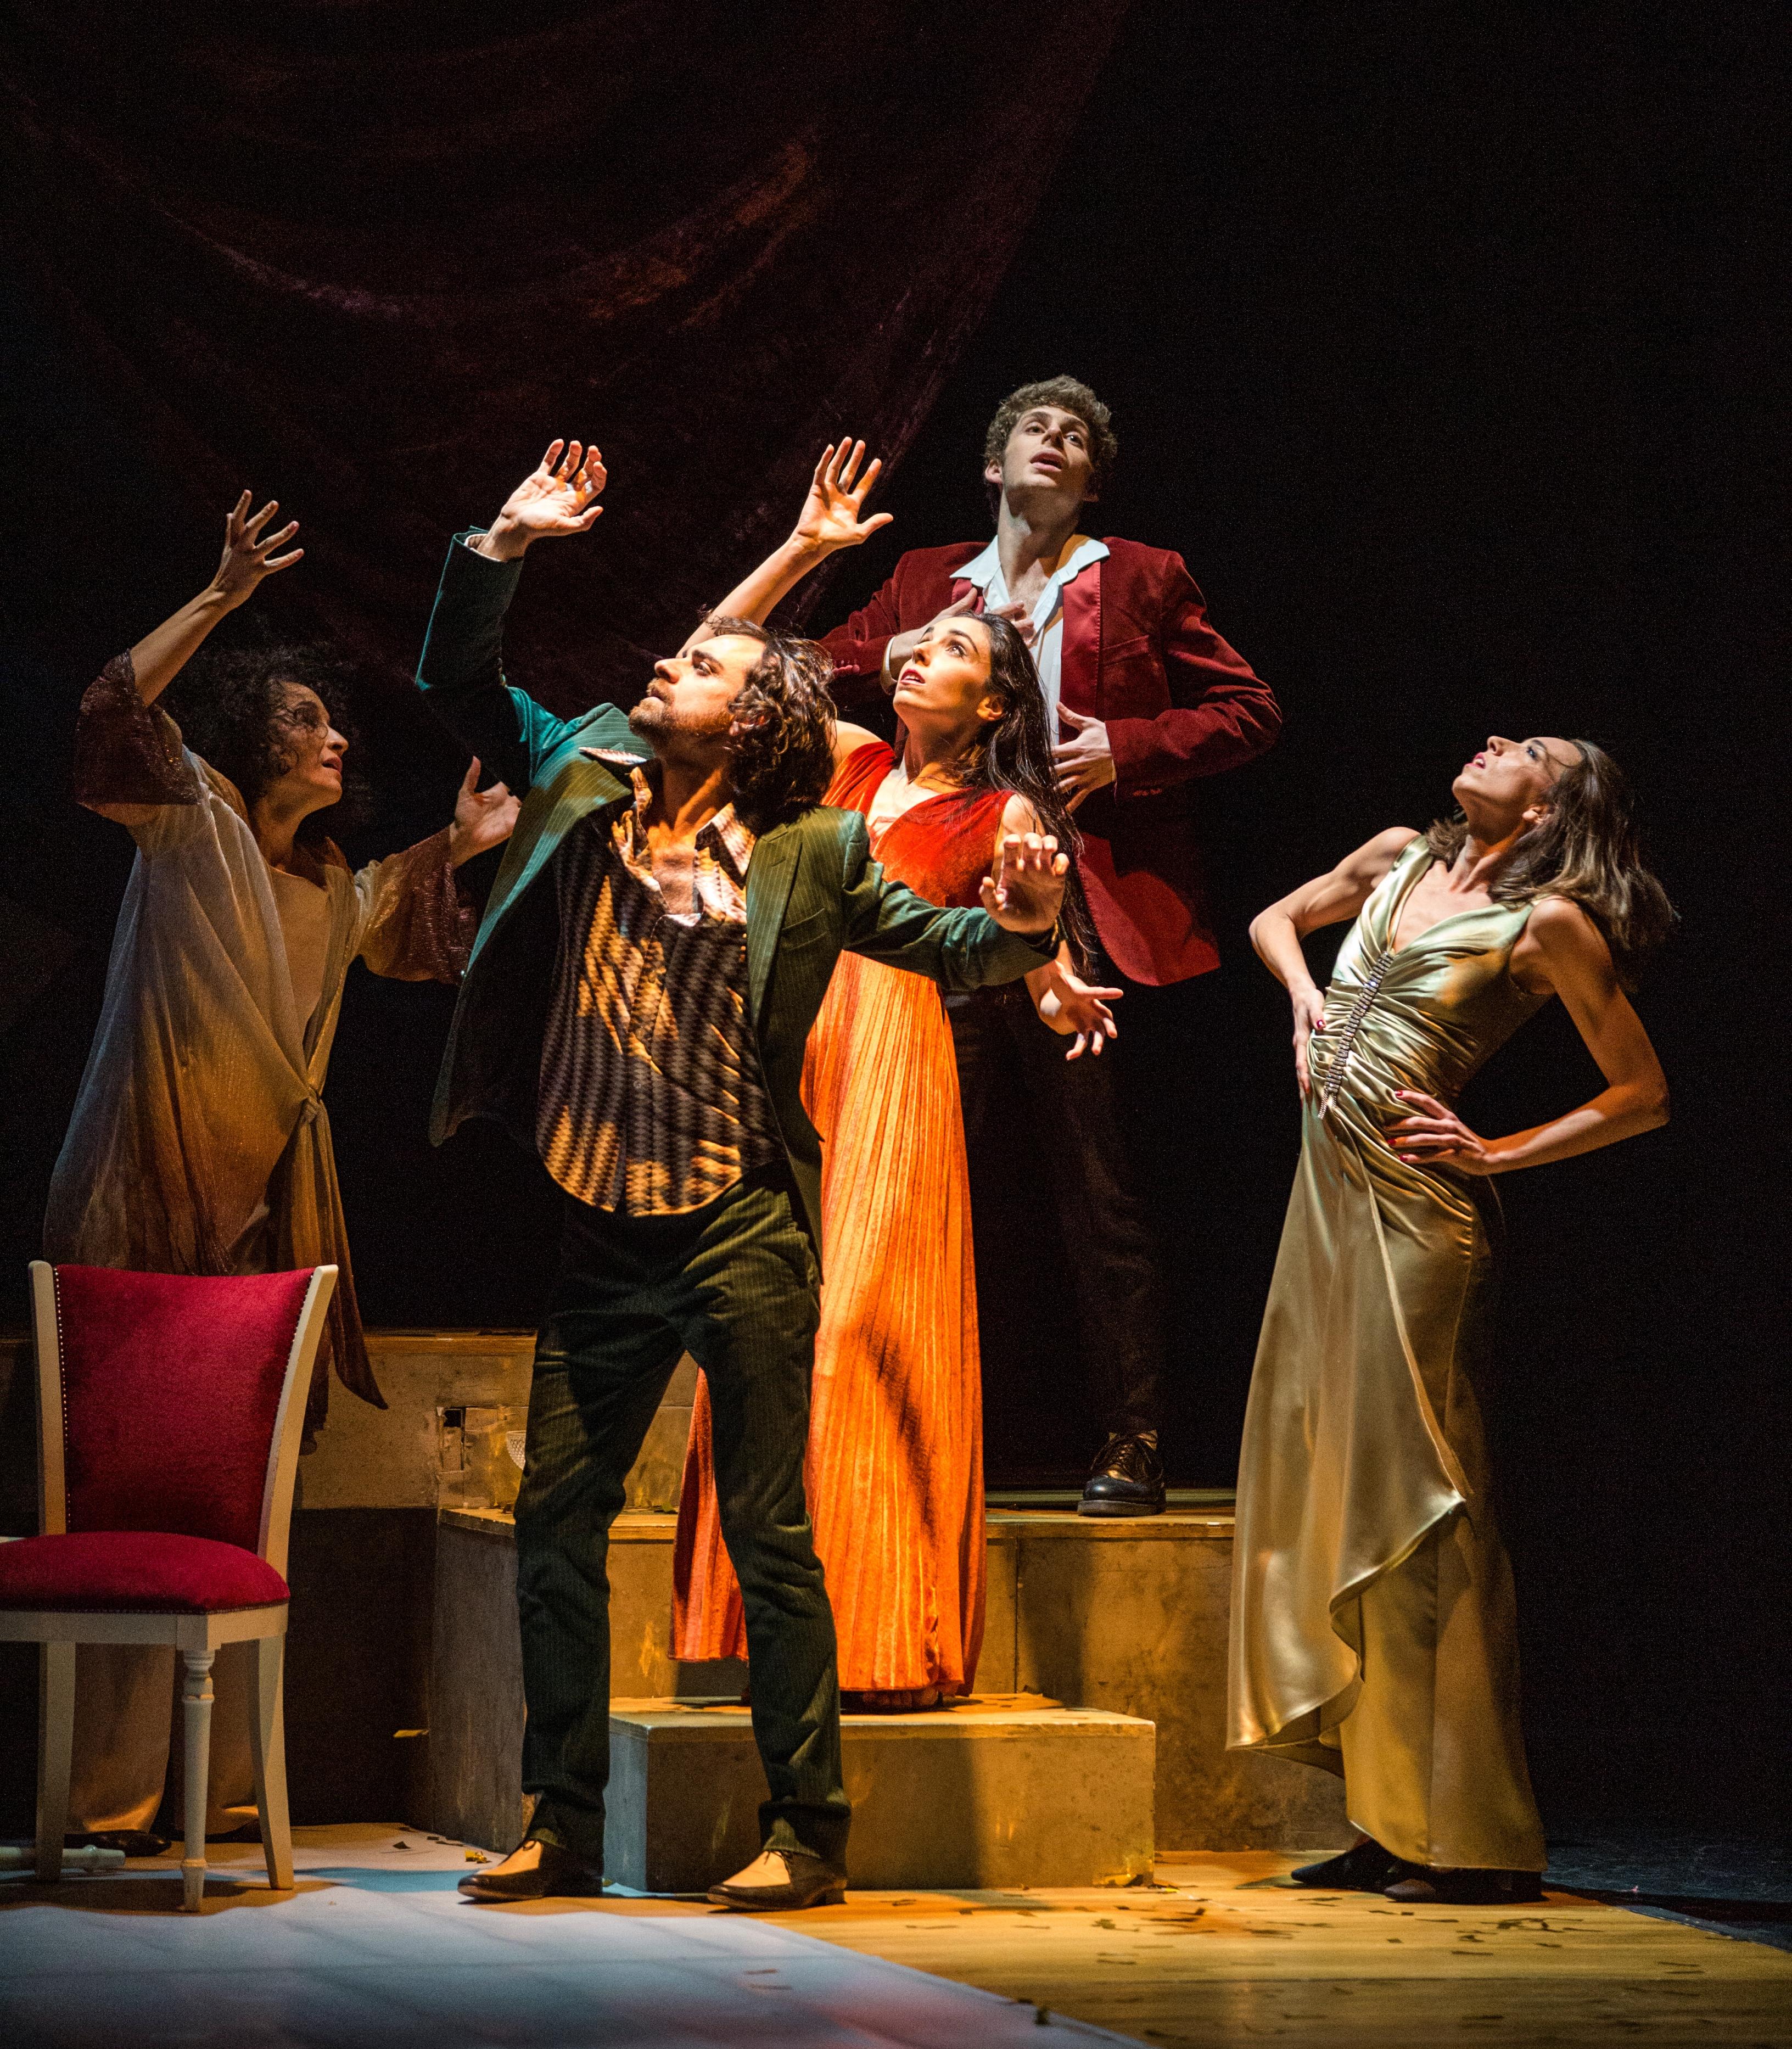 Los-cinco-bailarines-de-la-CND-en-un-momento-de-Fandangos-y-tonadillas-Foto-Alba-Murie